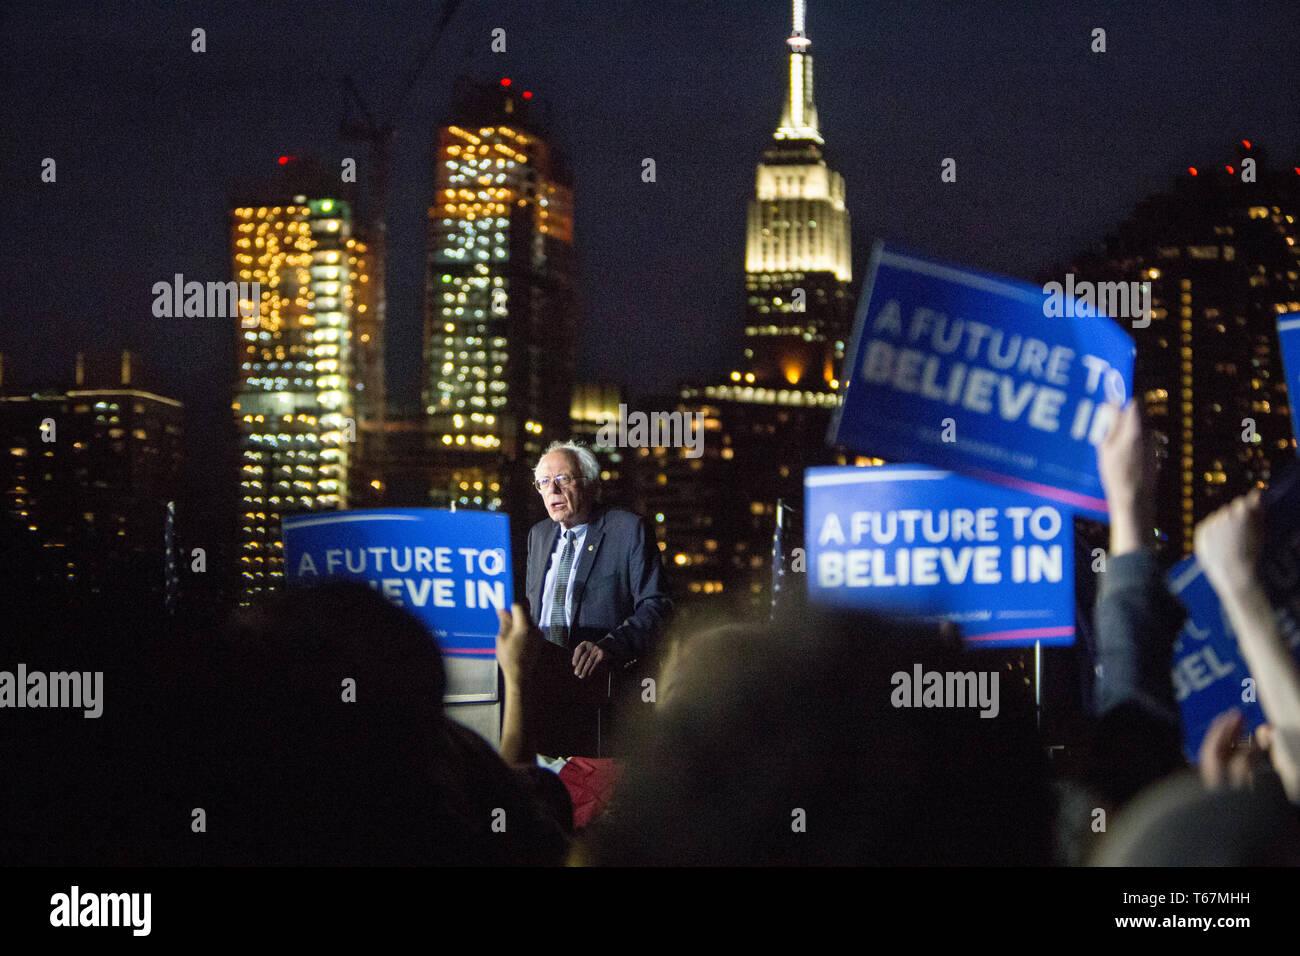 Alla vigilia dello Stato di New York elezioni primarie presidenziali speranzoso il senatore Bernie Sanders (D-Vt) trattiene un ultimo rally nel punto di cacciatori South Park nel Queens. Immagini Stock